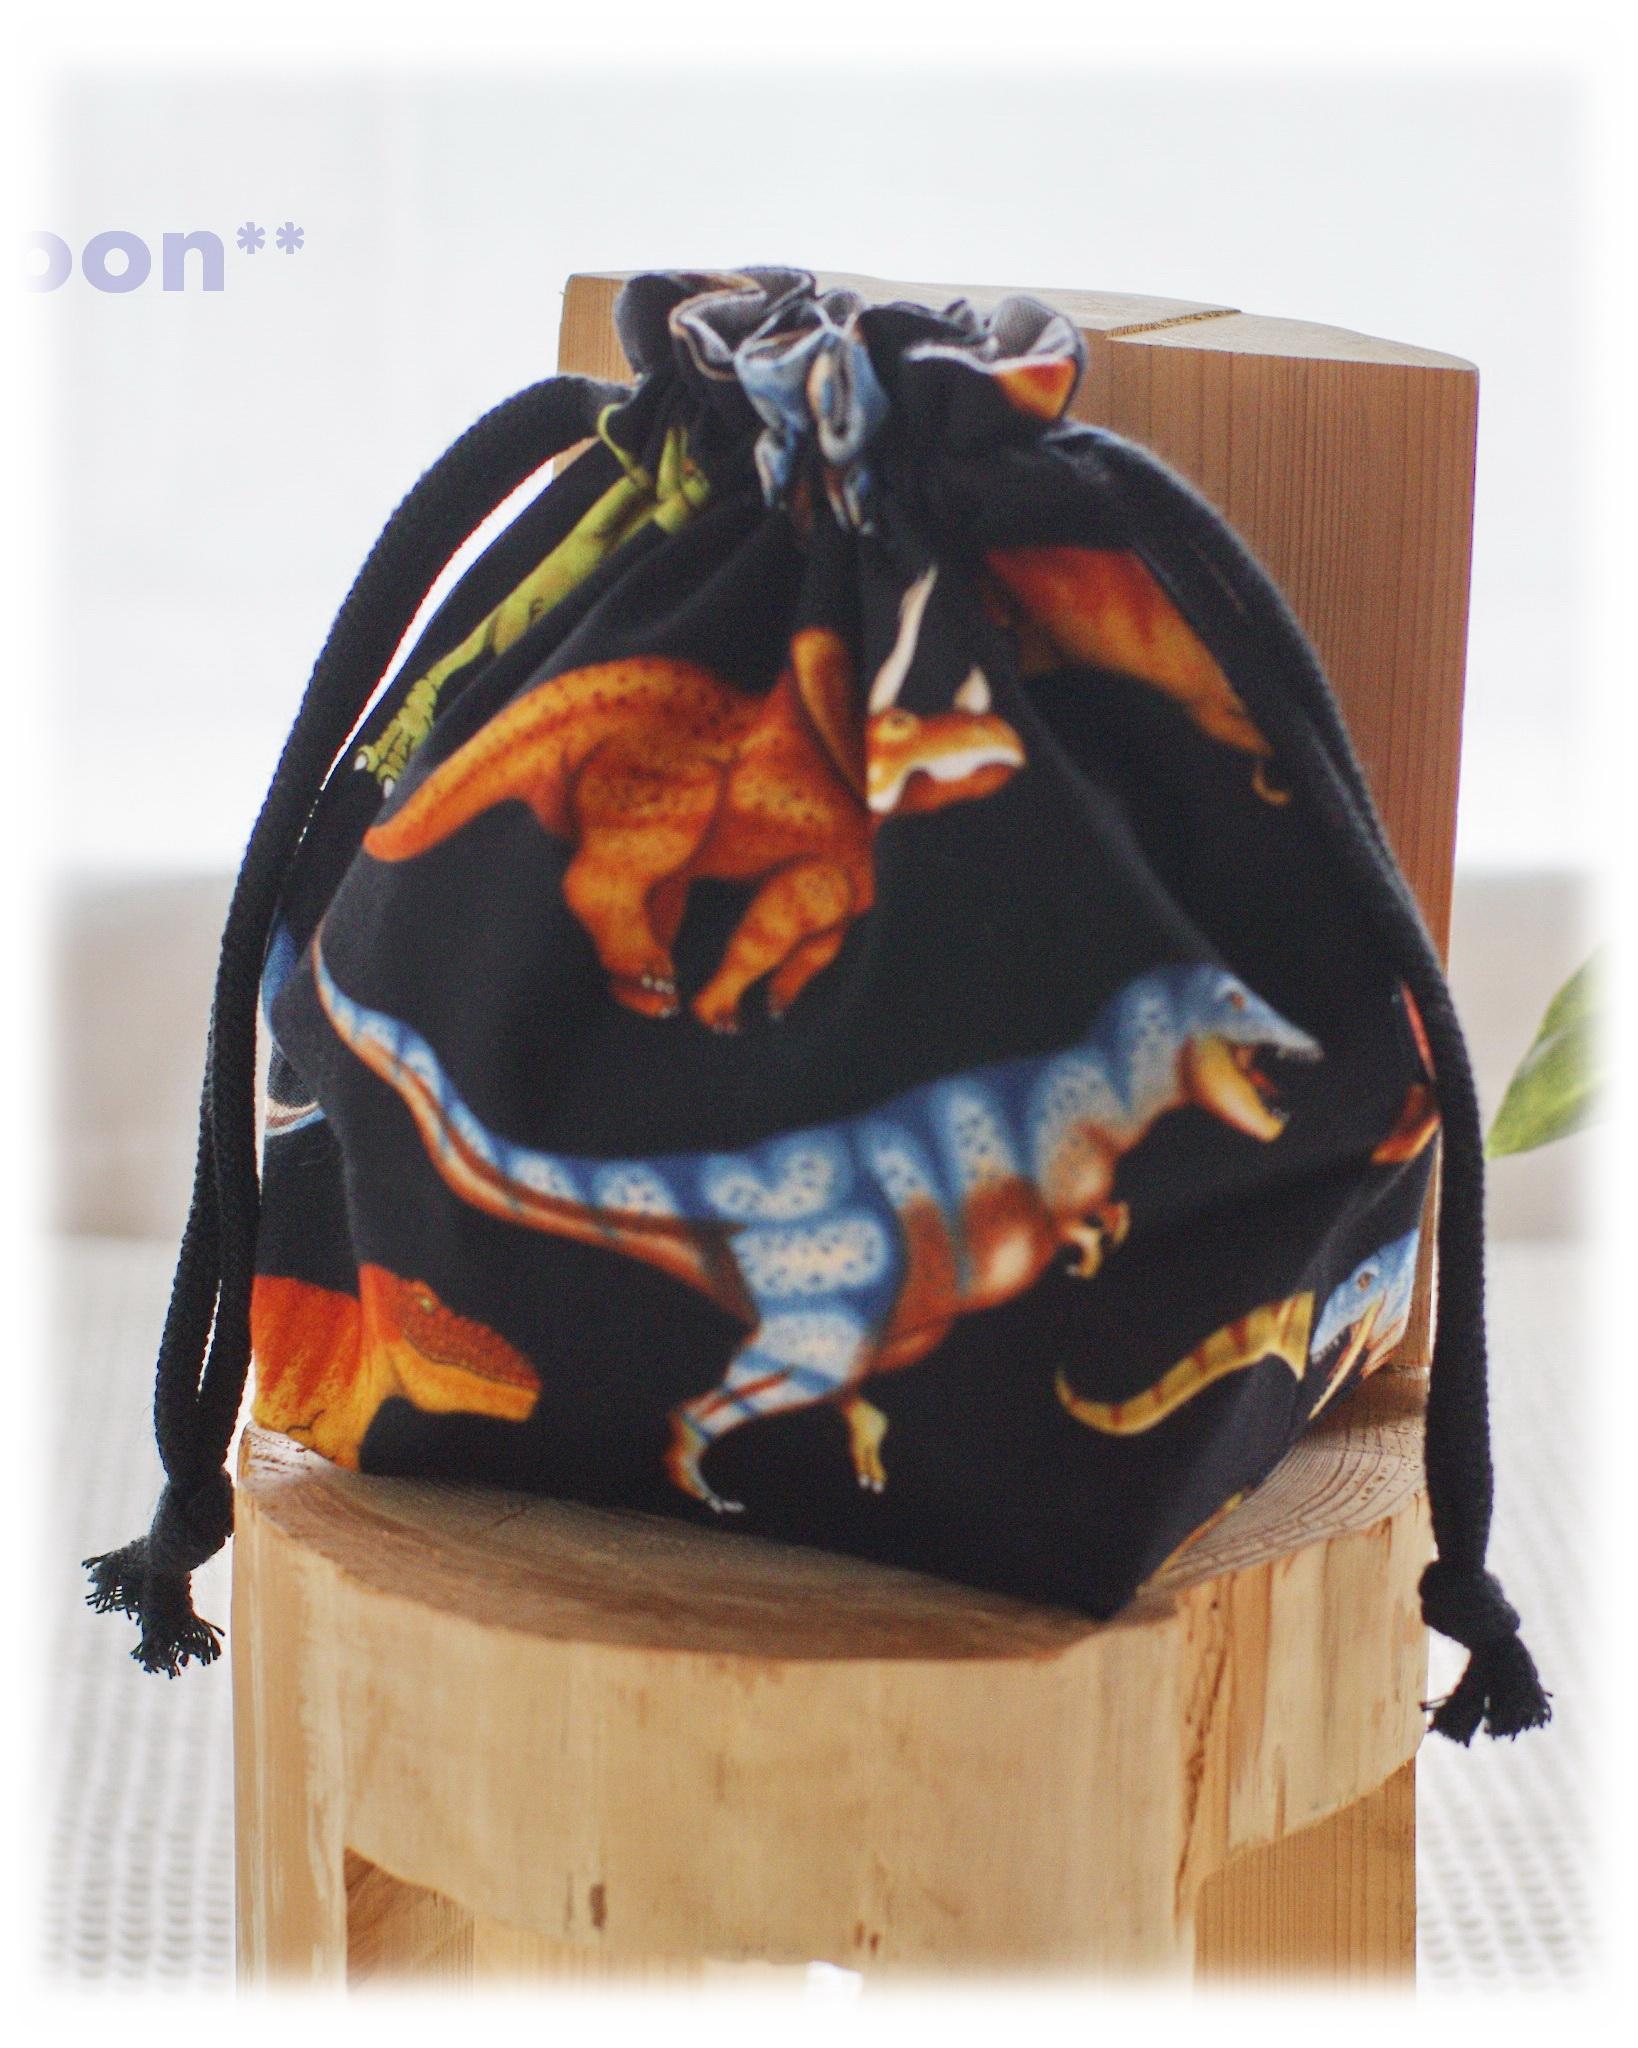 【リアルな恐竜】コップ入れ 歯ブラシ袋 巾着袋